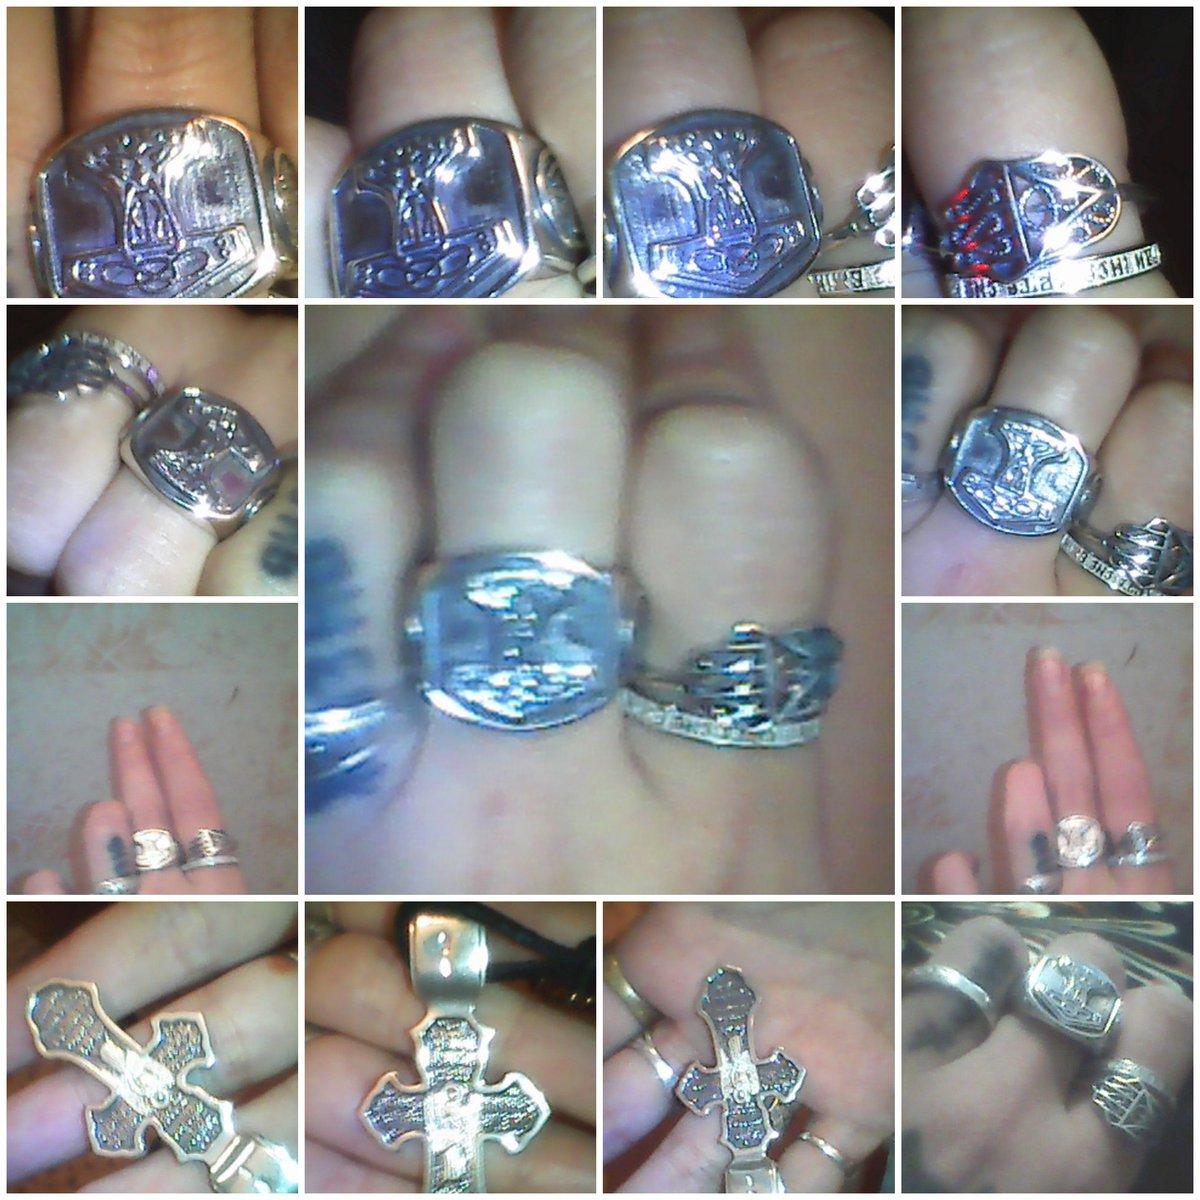 Большой двухсантиметровый перстень с молотом тора.